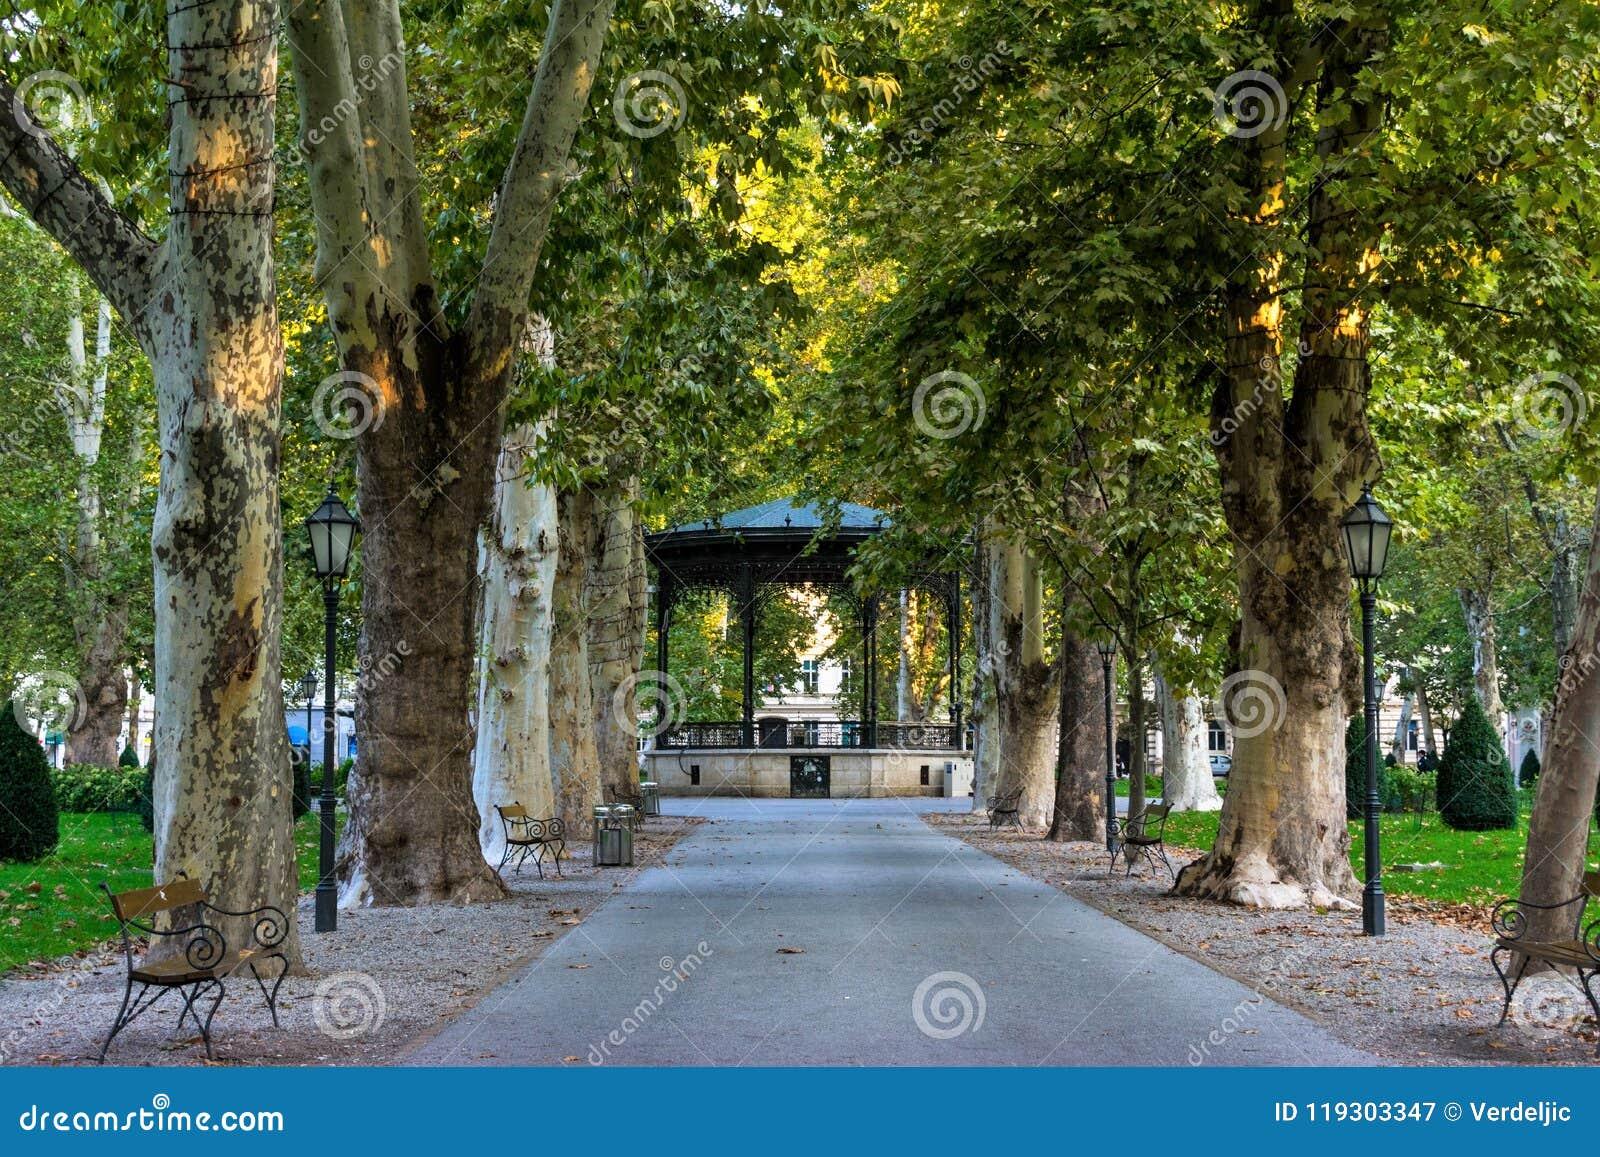 Vista del parco famoso di Zrinjevac nel centro urbano di Zagabria, Croazia